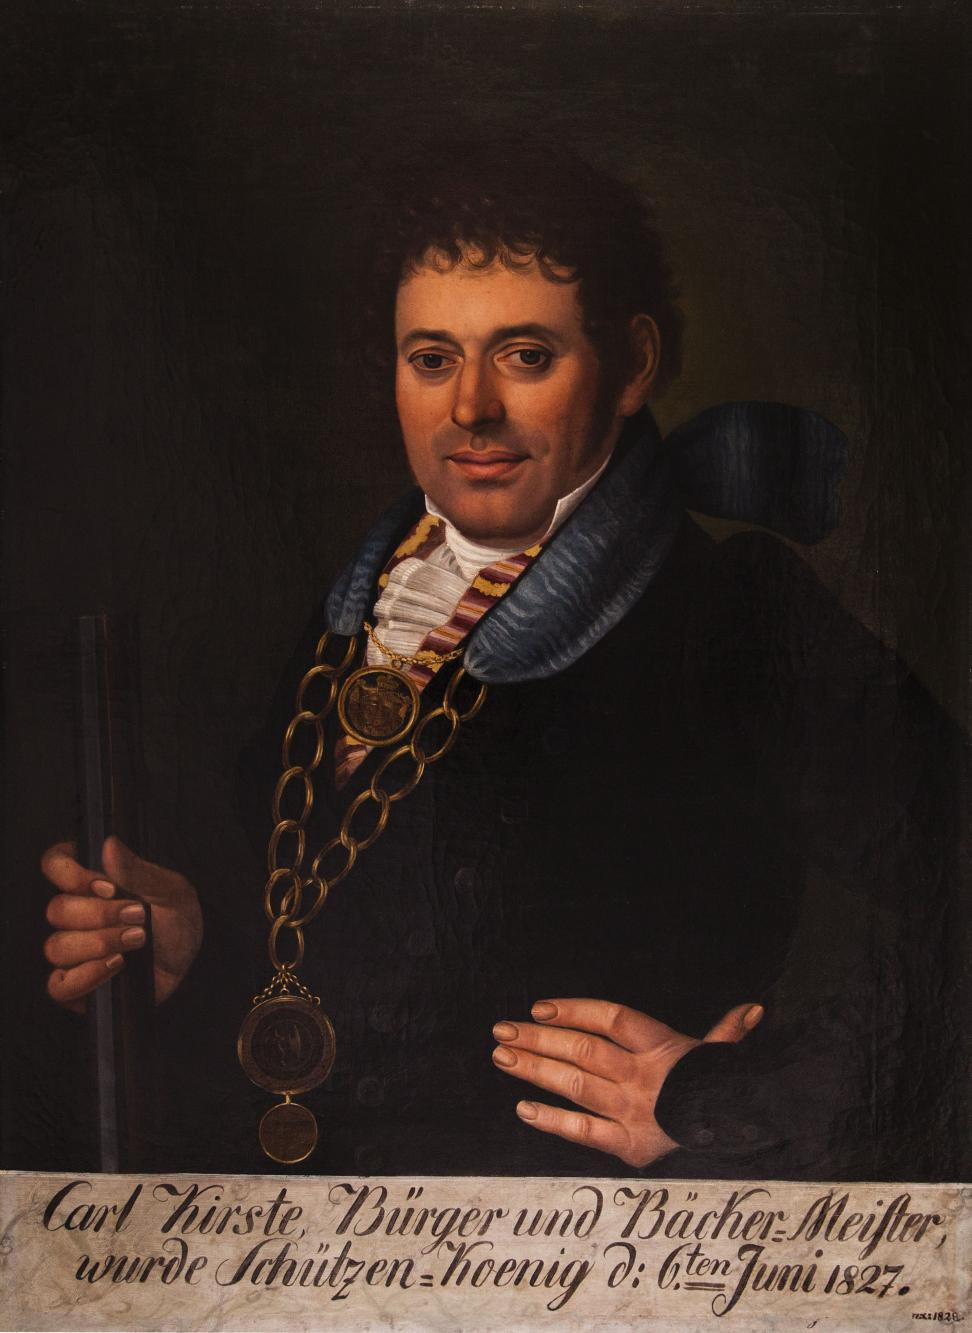 Portret króla kurkowego Carla Kirste